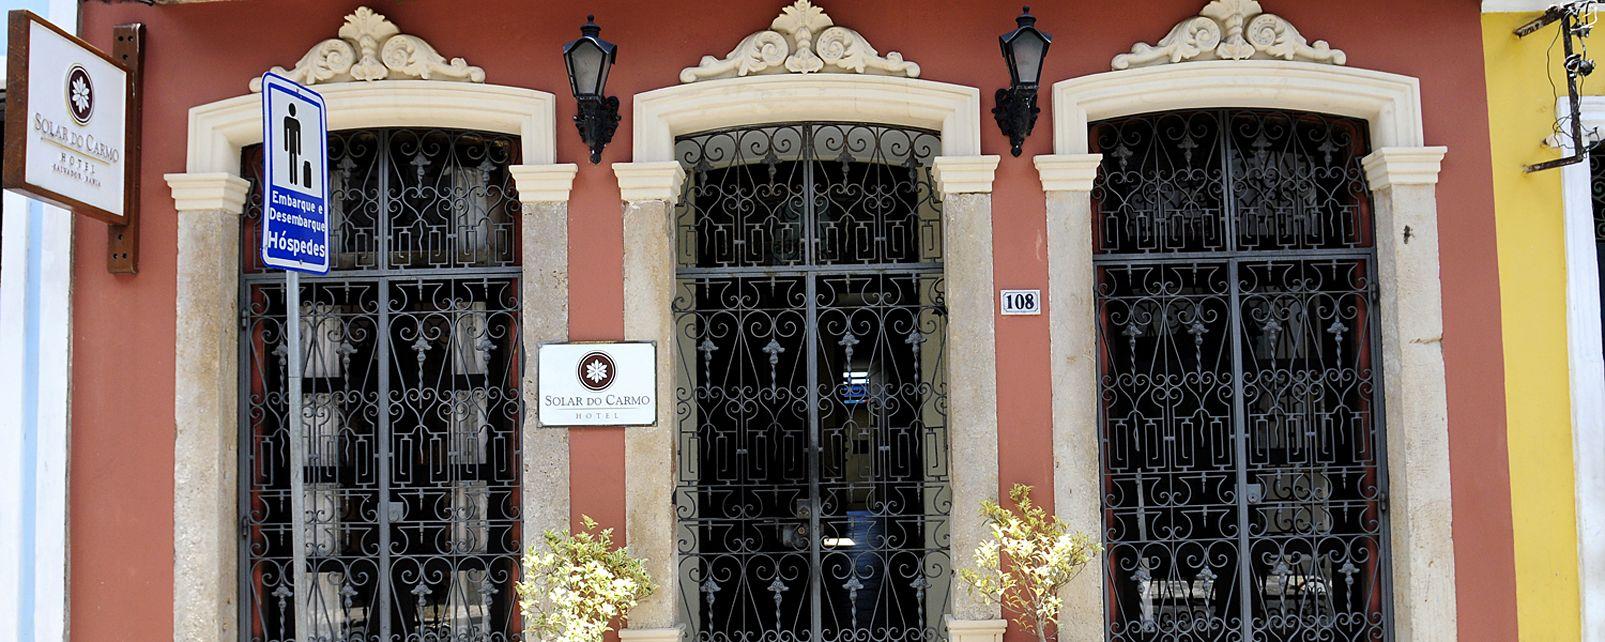 Hôtel Solar Do Carmo